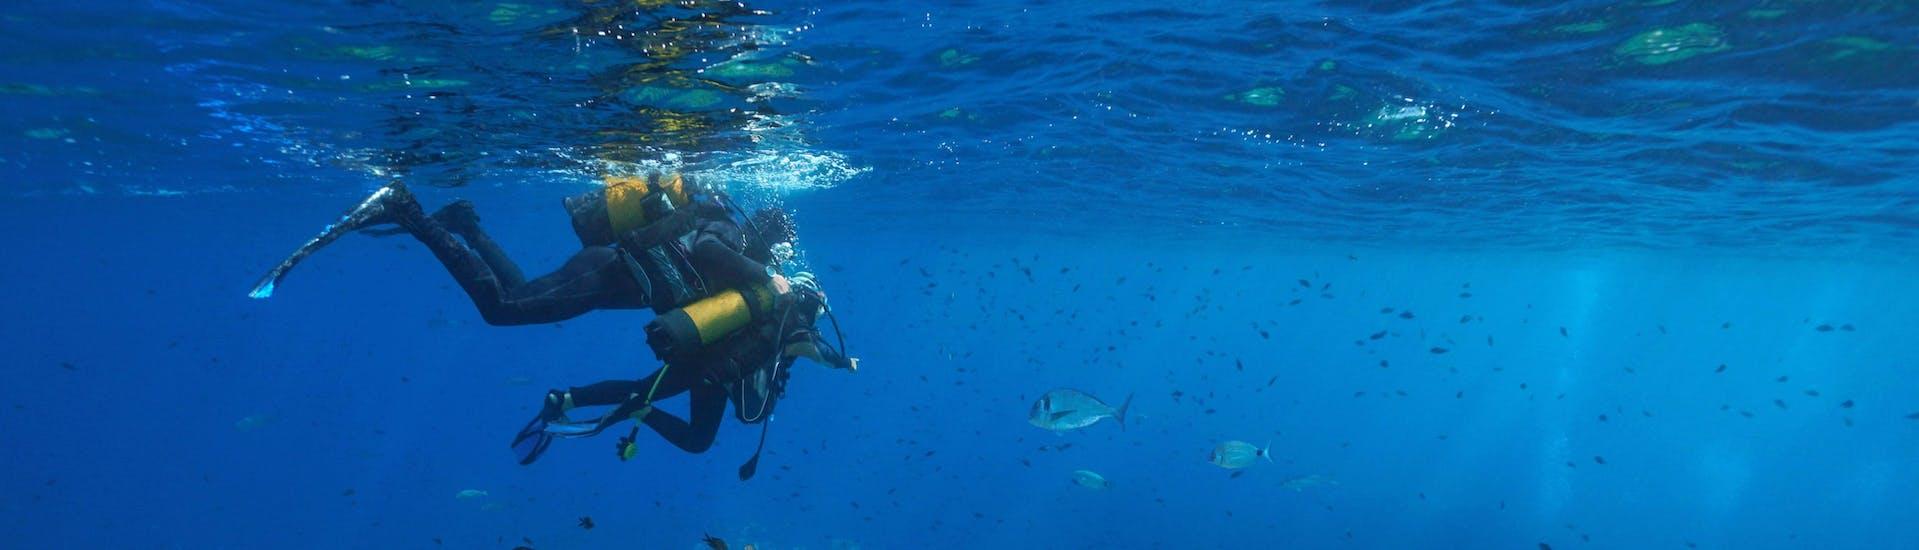 Deux personnes sont en train d'effectuer une excursion de plongée à Cerbère.